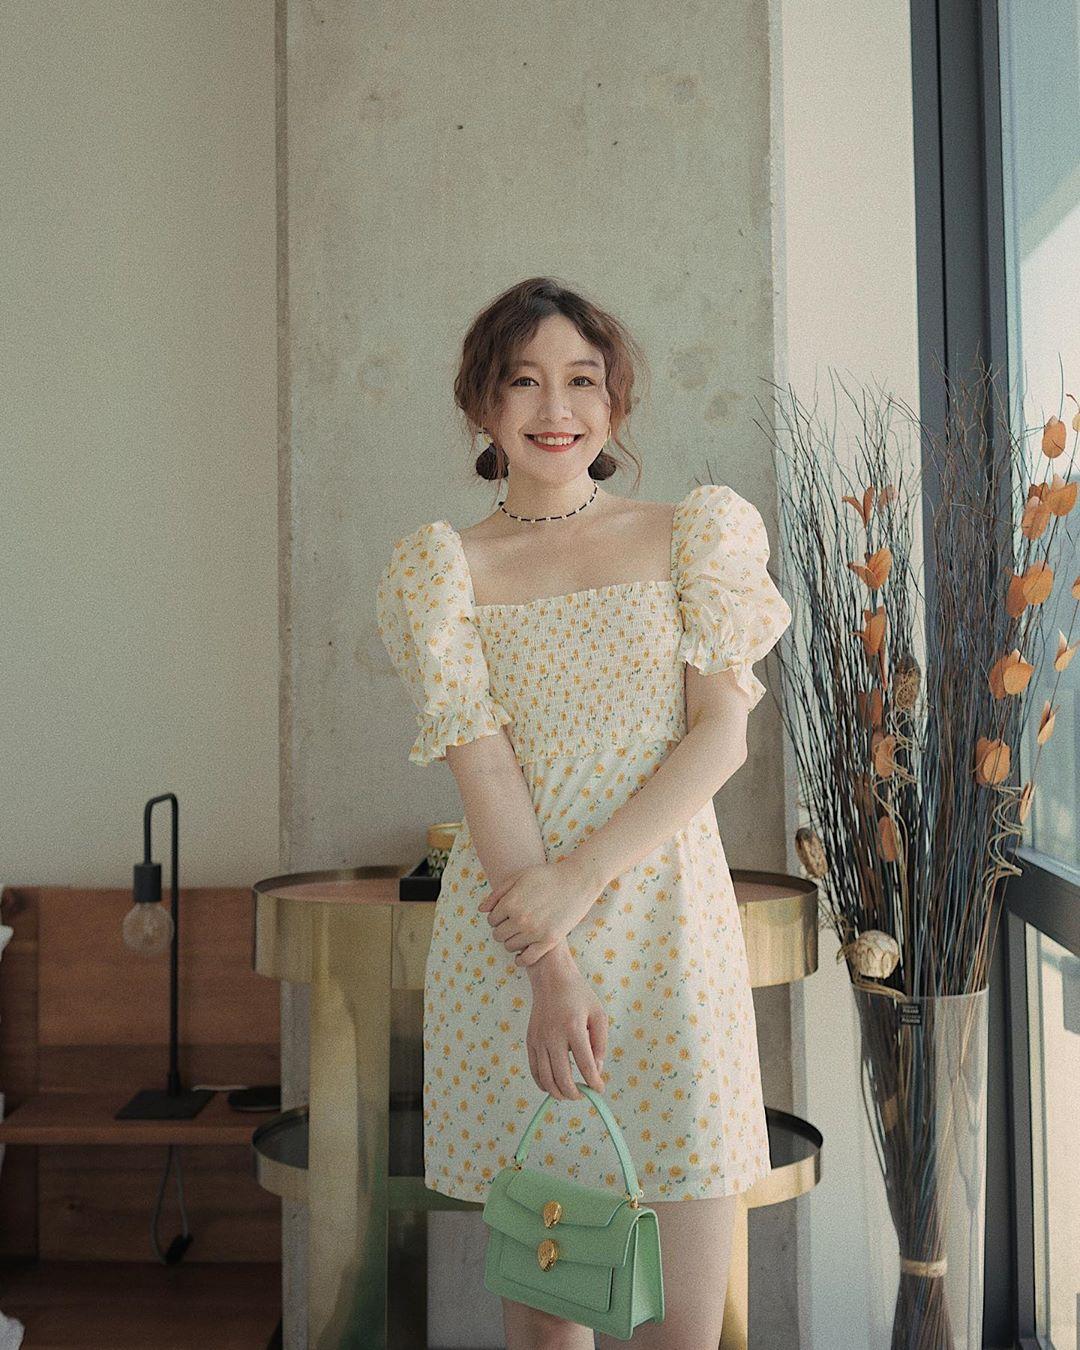 Sáng suốt nhất là tậu hết 5 mẫu váy hot trường tồn với thời gian sau đây, mặc chỉ xịn đẹp trở lên chứ không kém - Ảnh 7.